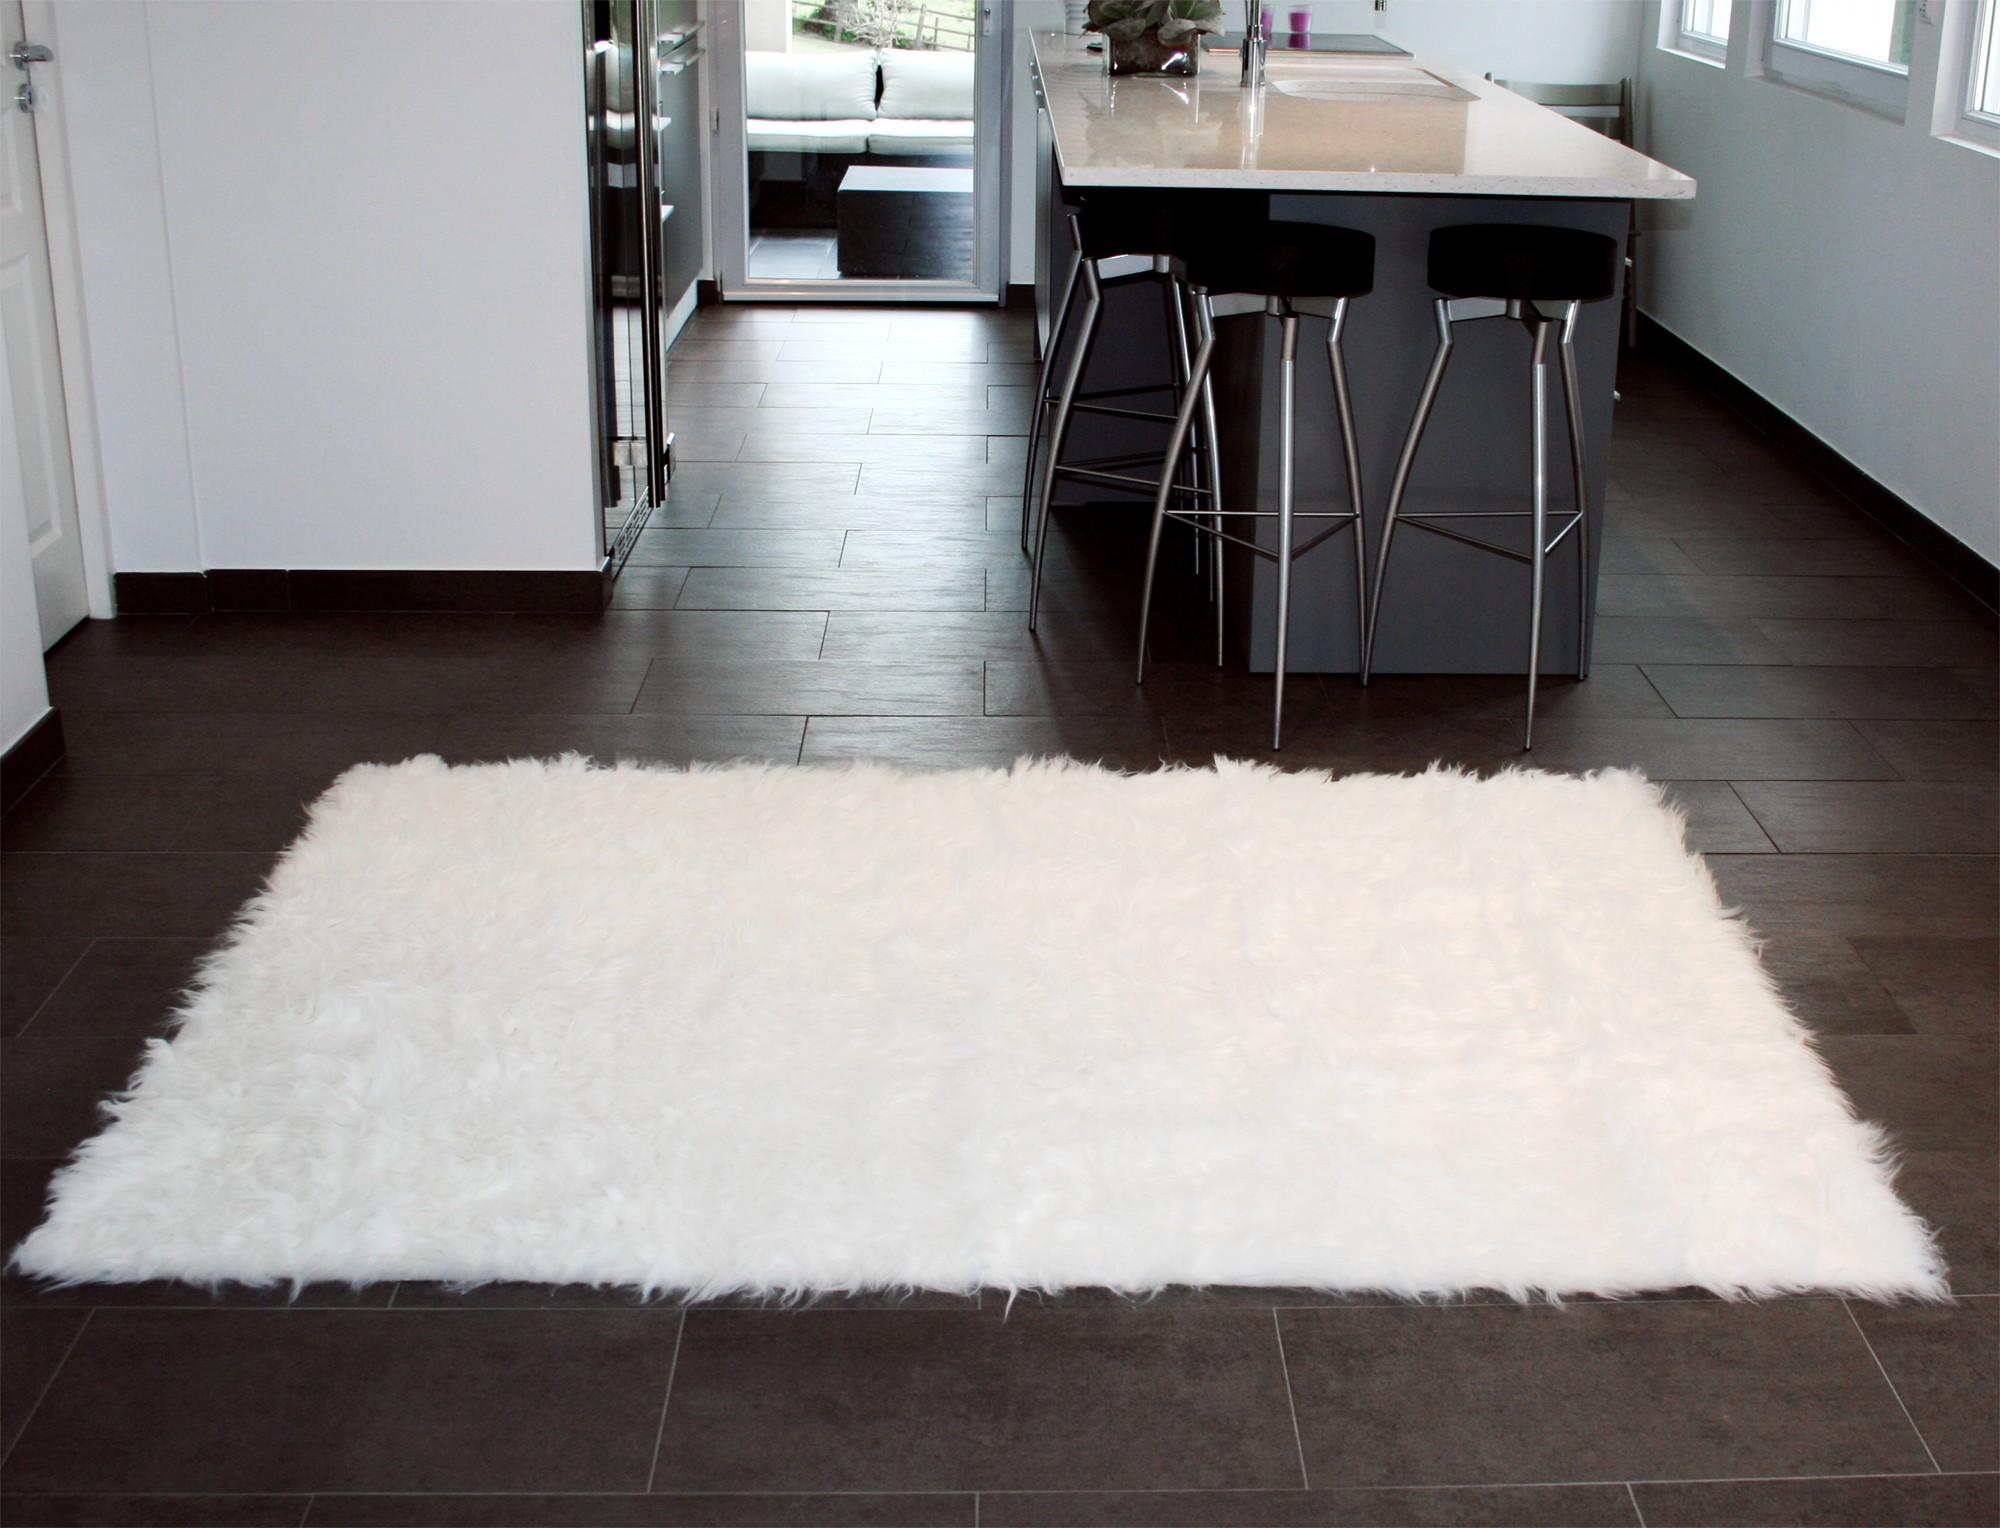 Tapis rectangle en peau de mouton synthétique blanc - PeauDeVache.com